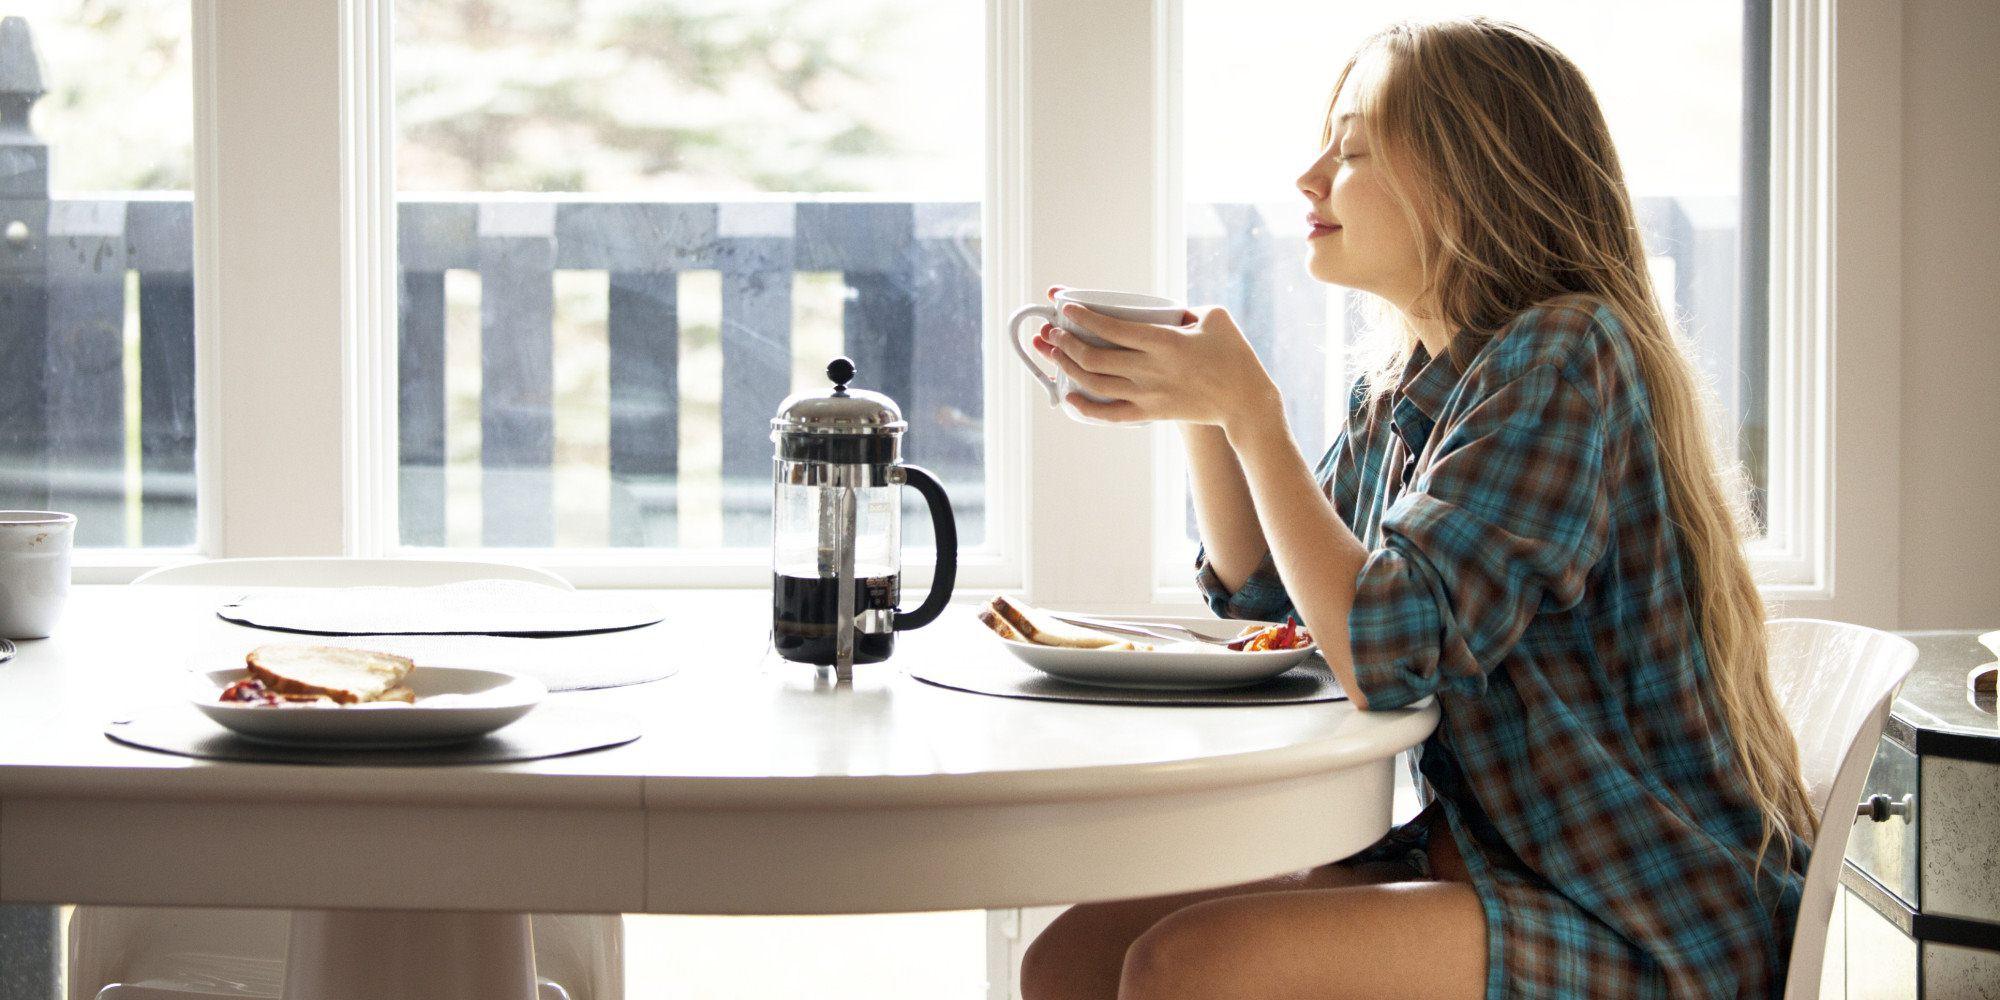 4 thời điểm tuyệt đối không nên uống cà phê để tránh gây ảnh hưởng tới sức khỏe - Ảnh 3.